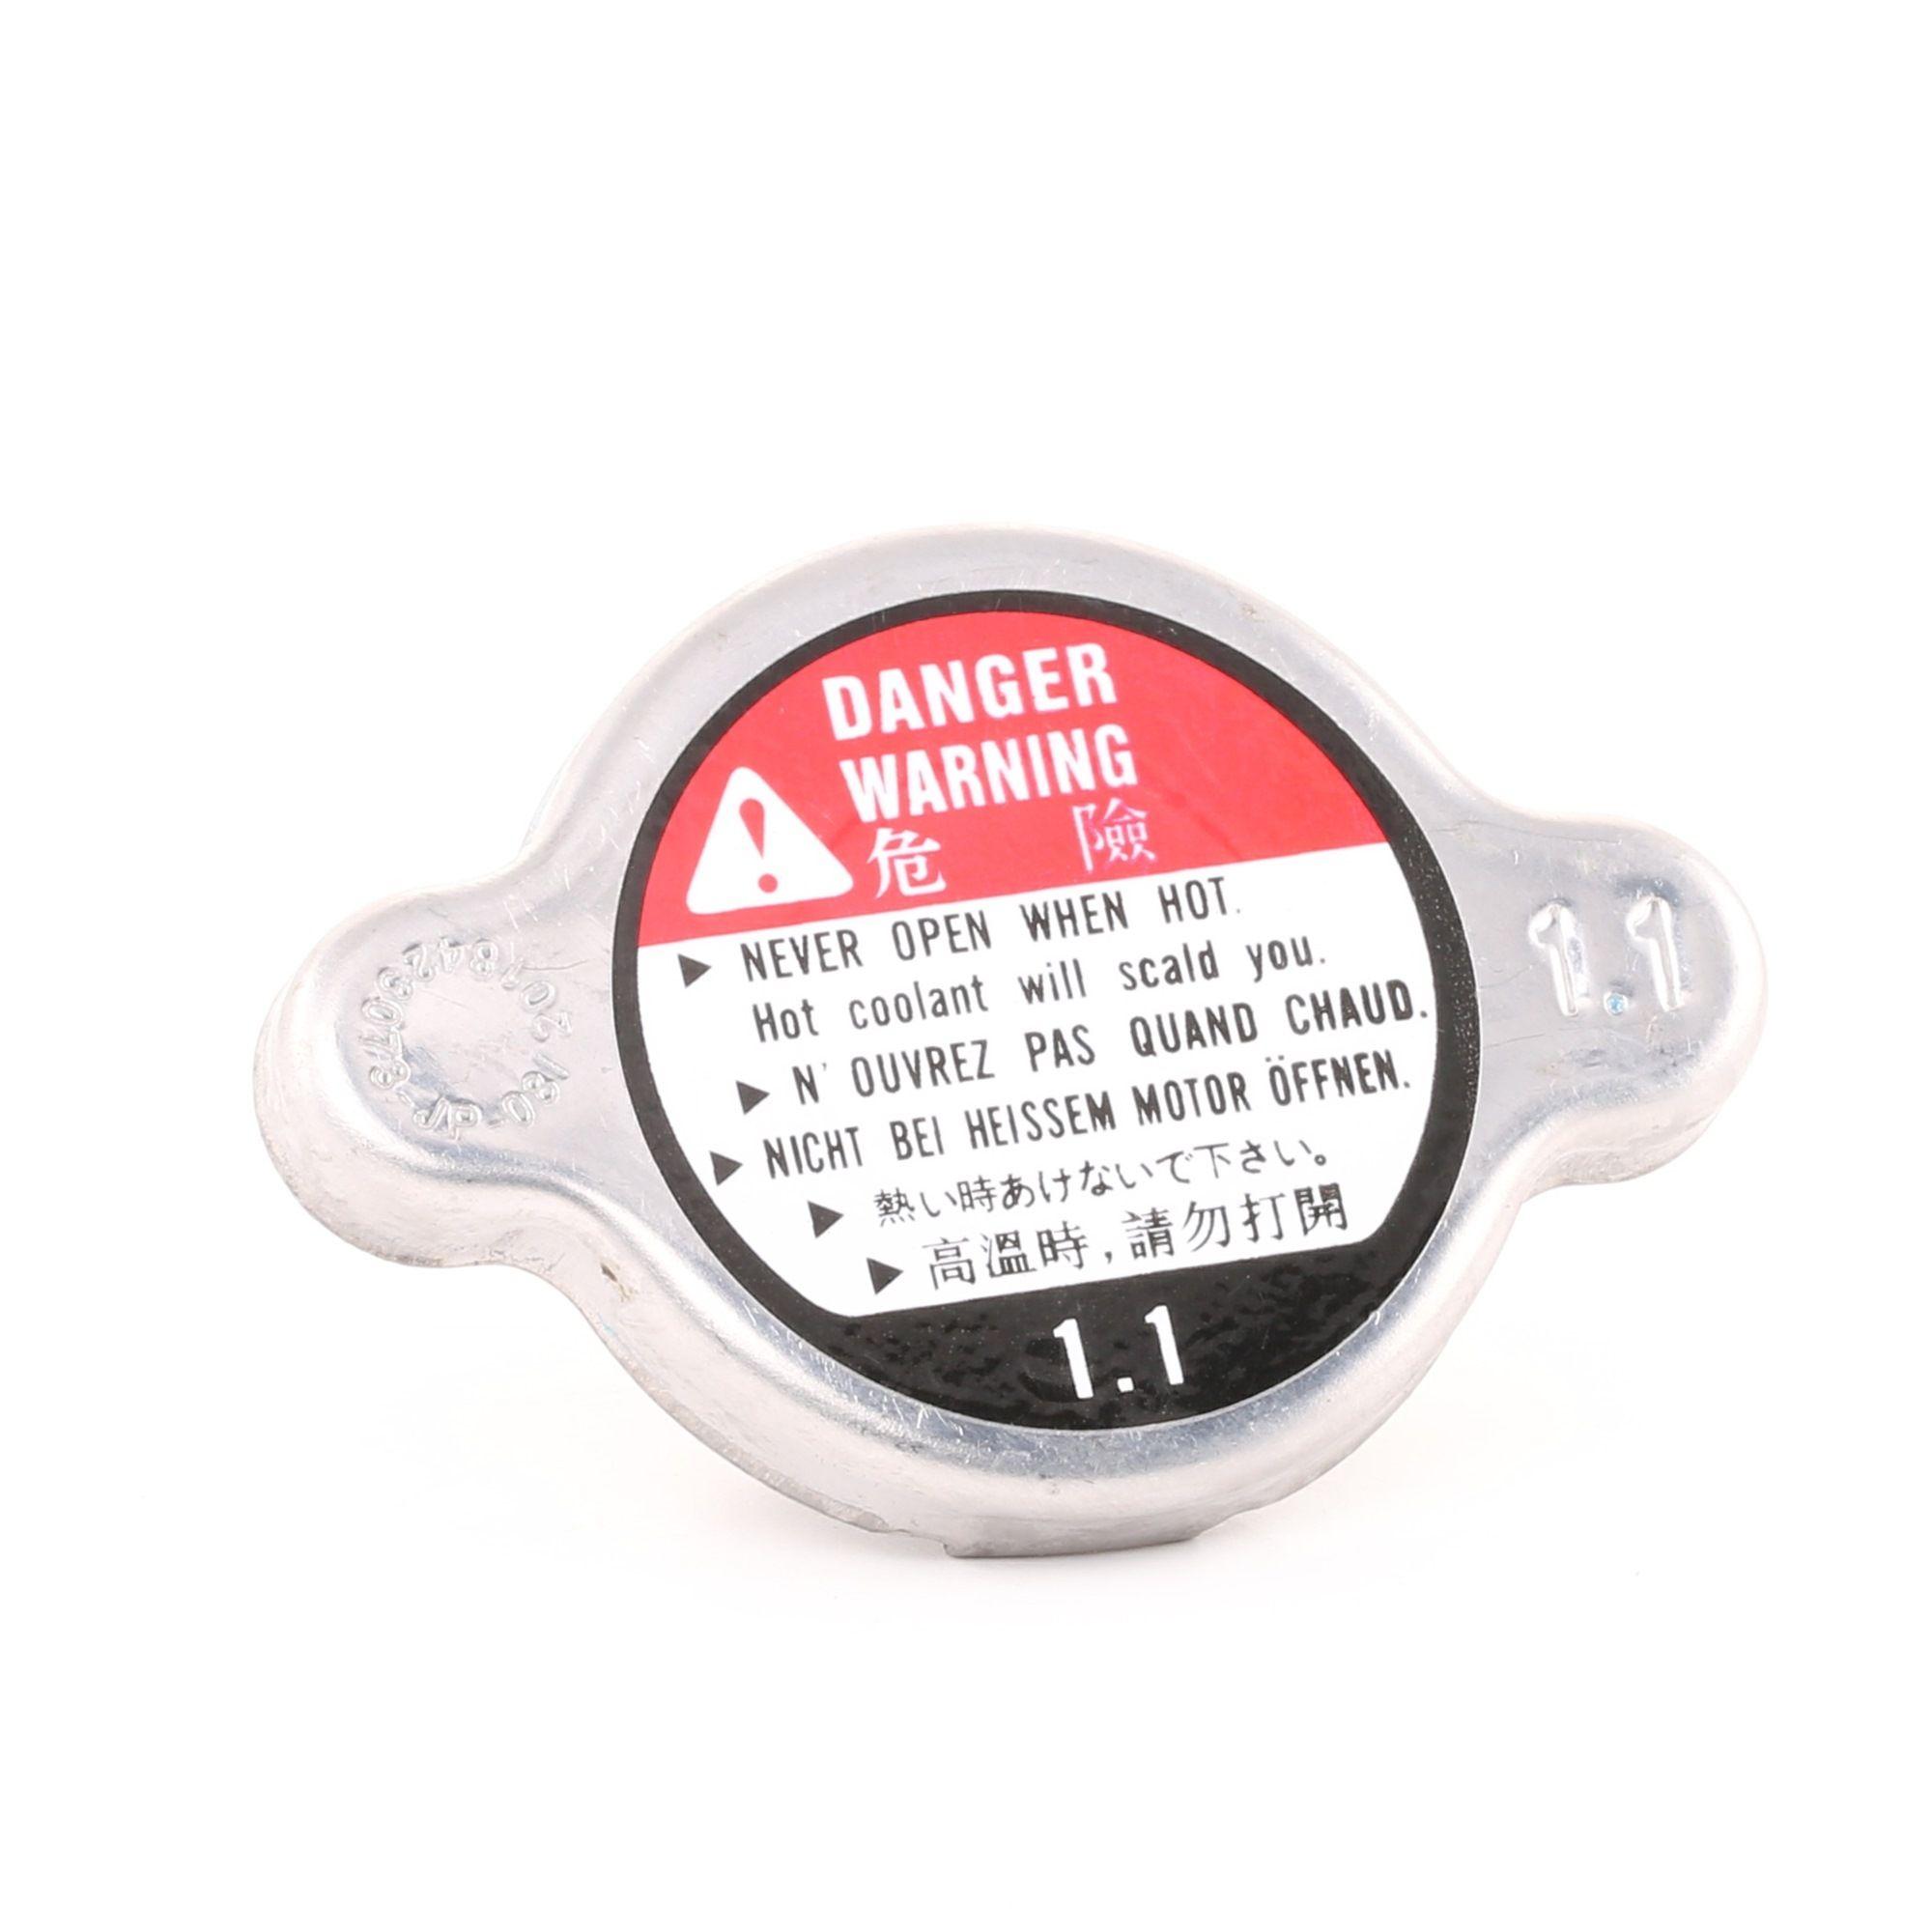 Verschlußdeckel Kühler 33-0C-C31 rund um die Uhr online kaufen